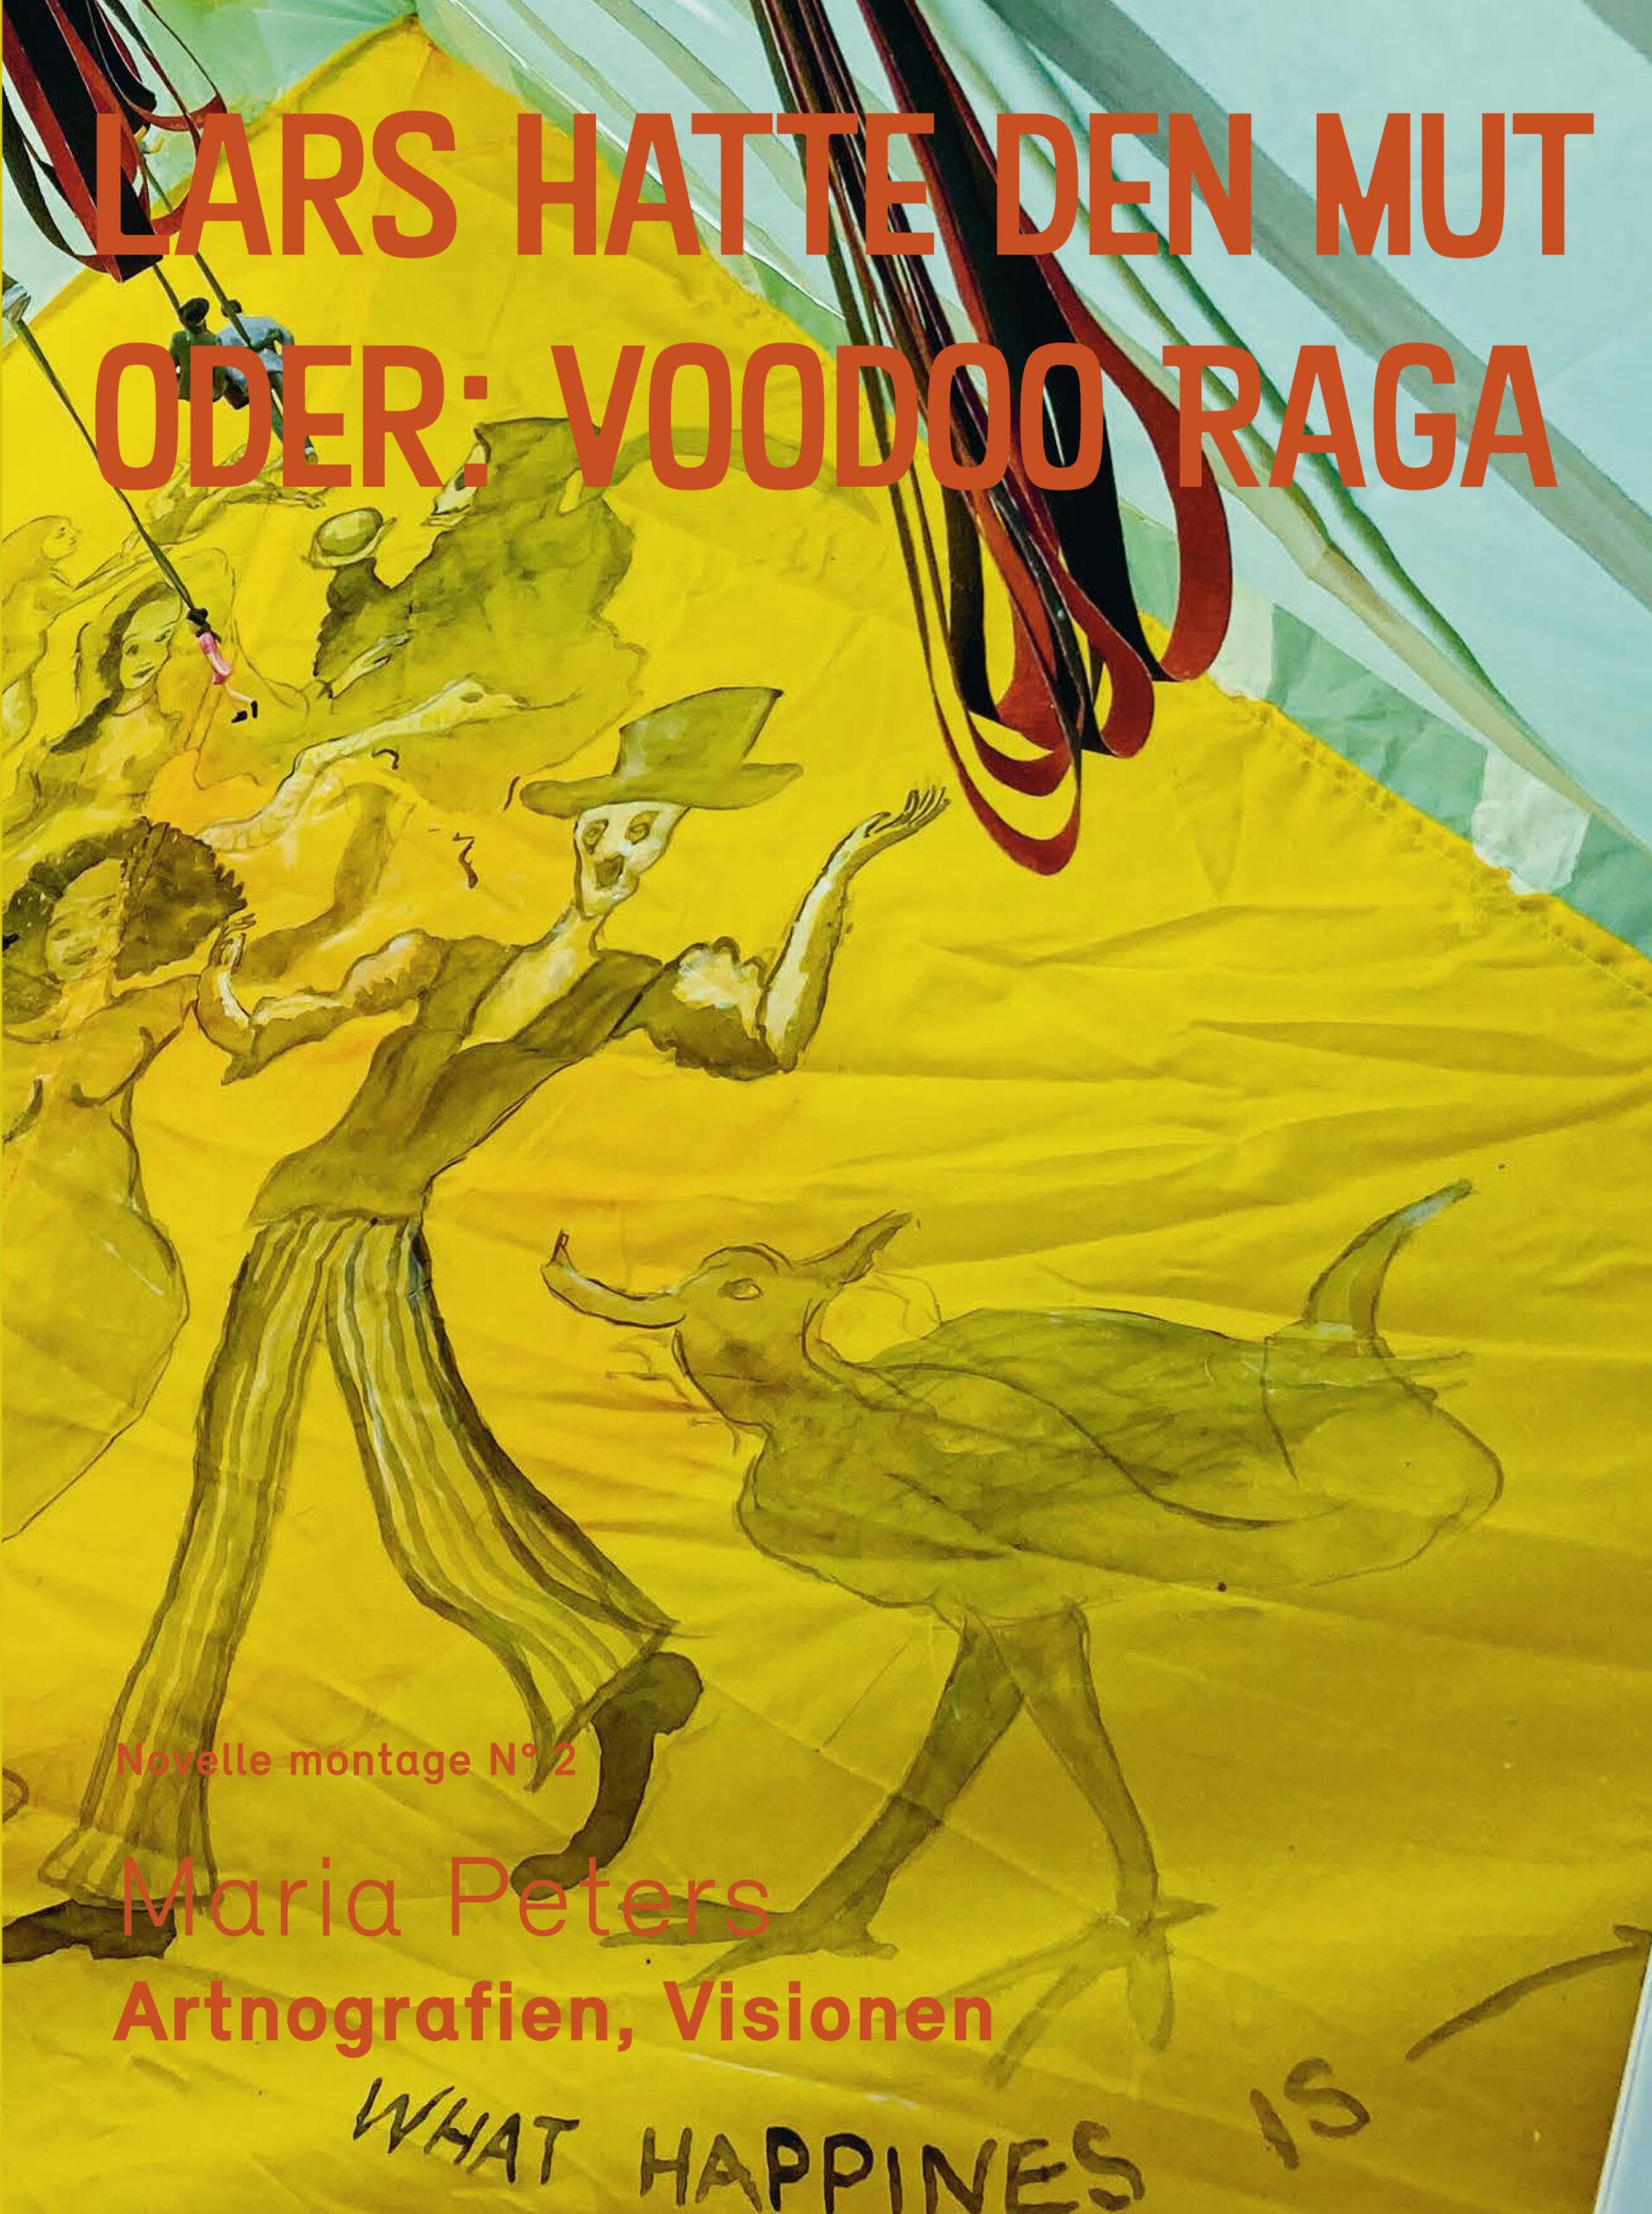 Cover des Buches Lars hatte den Mut - oder - Voodoo Raga, Maria Peters, Artnografien, Visionen, abo Verlag Wien, Mai 2021